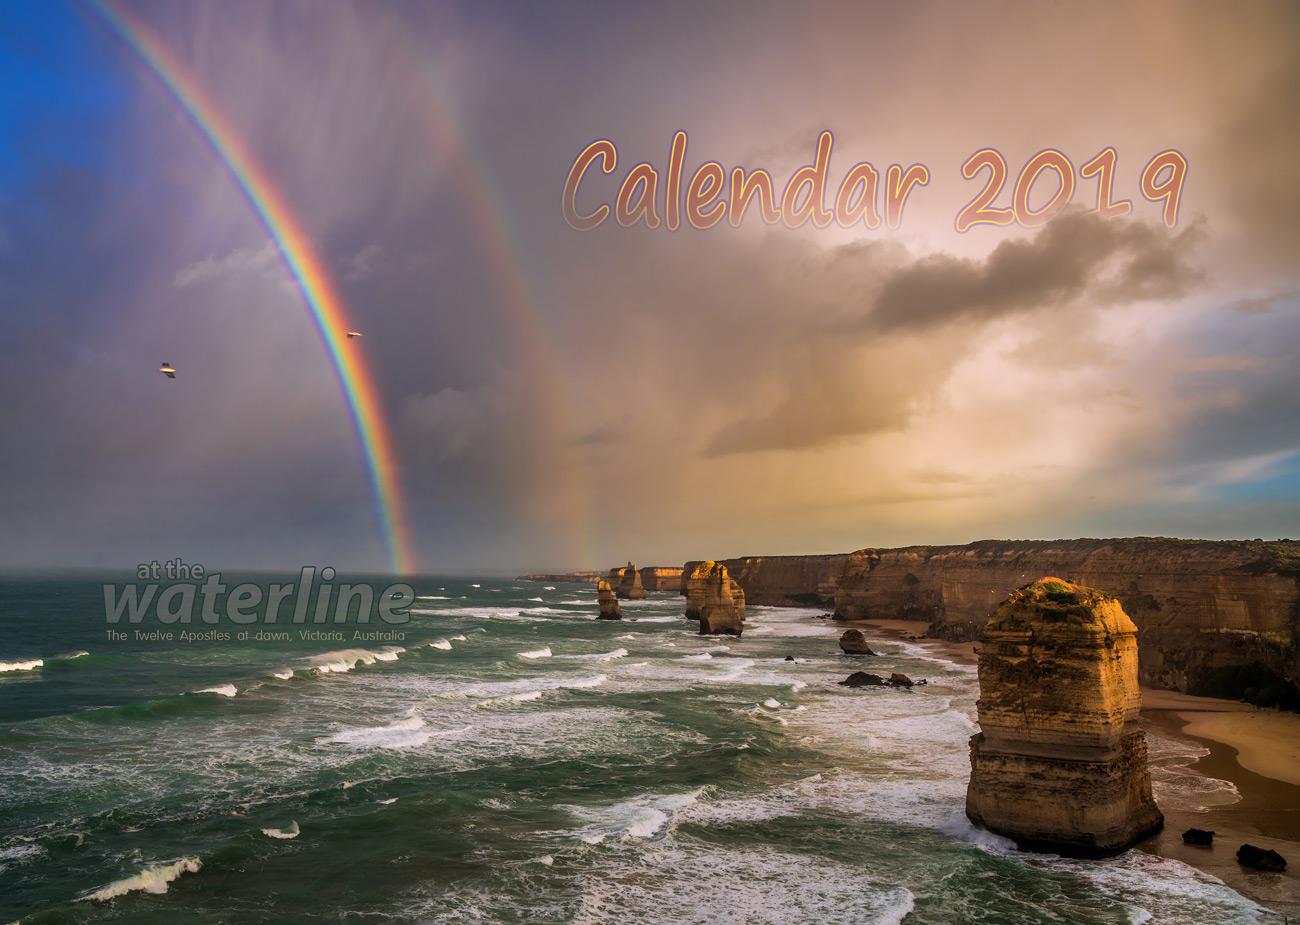 2019 landscape calendar occasionalclimber.co.nz